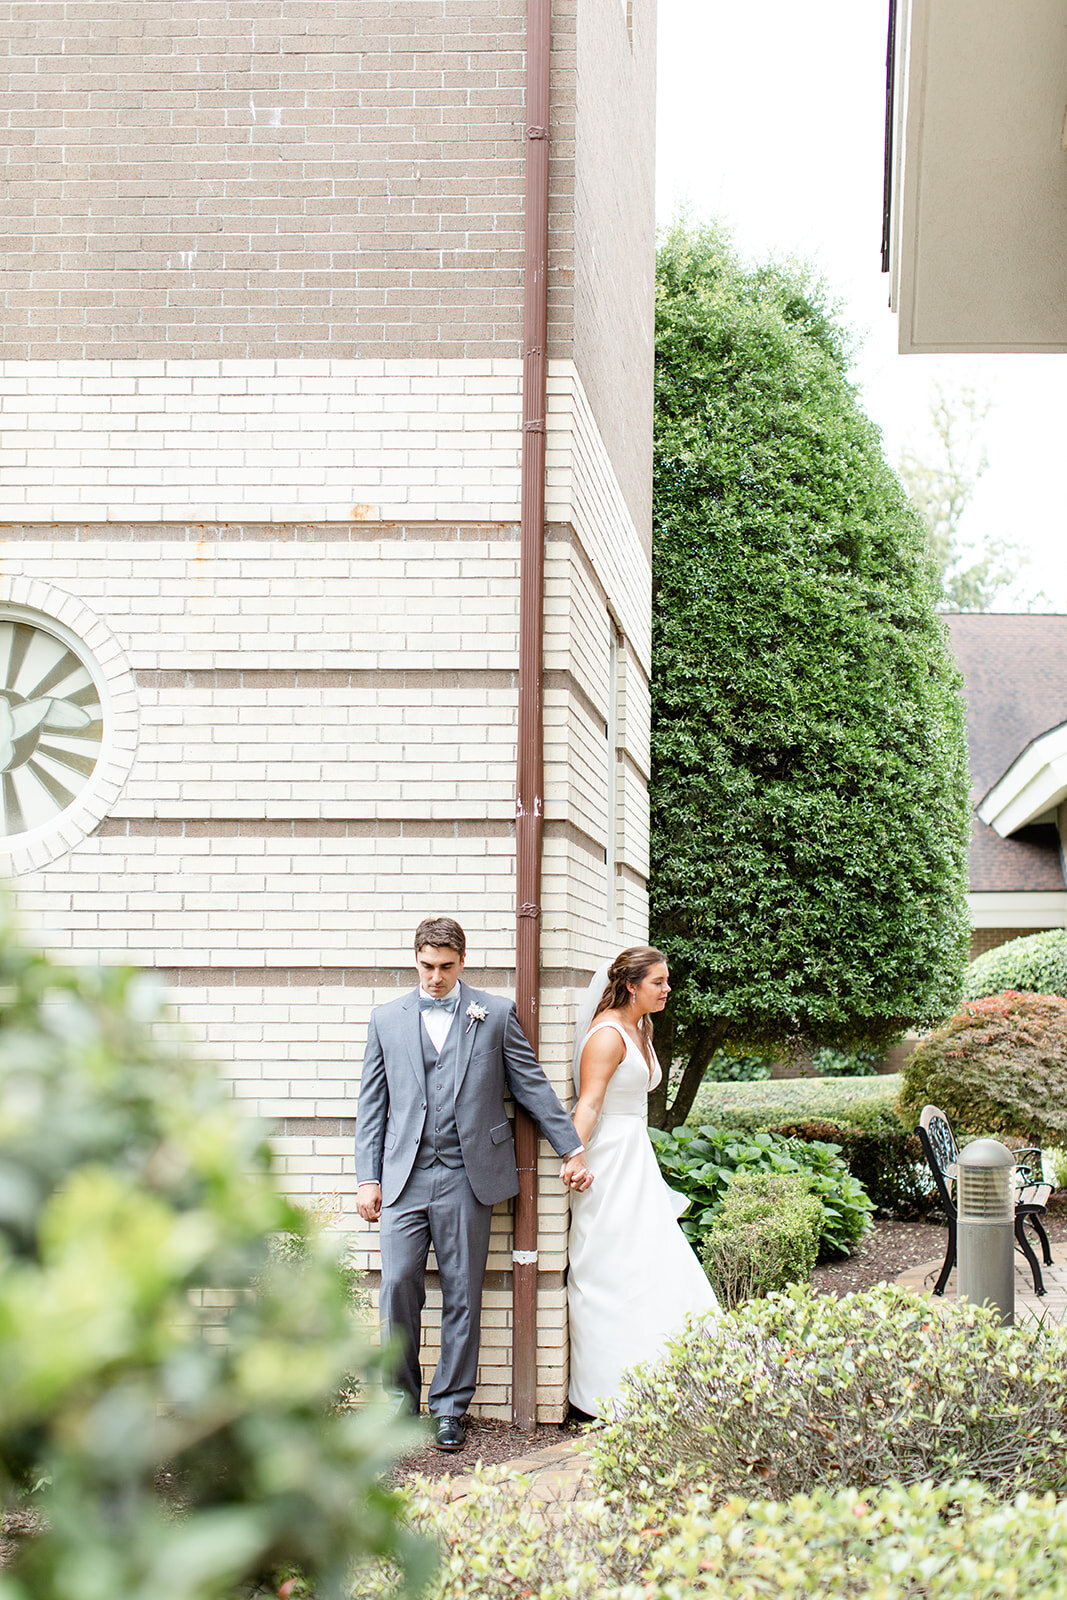 摄影:艾米和乔弗里的婚礼